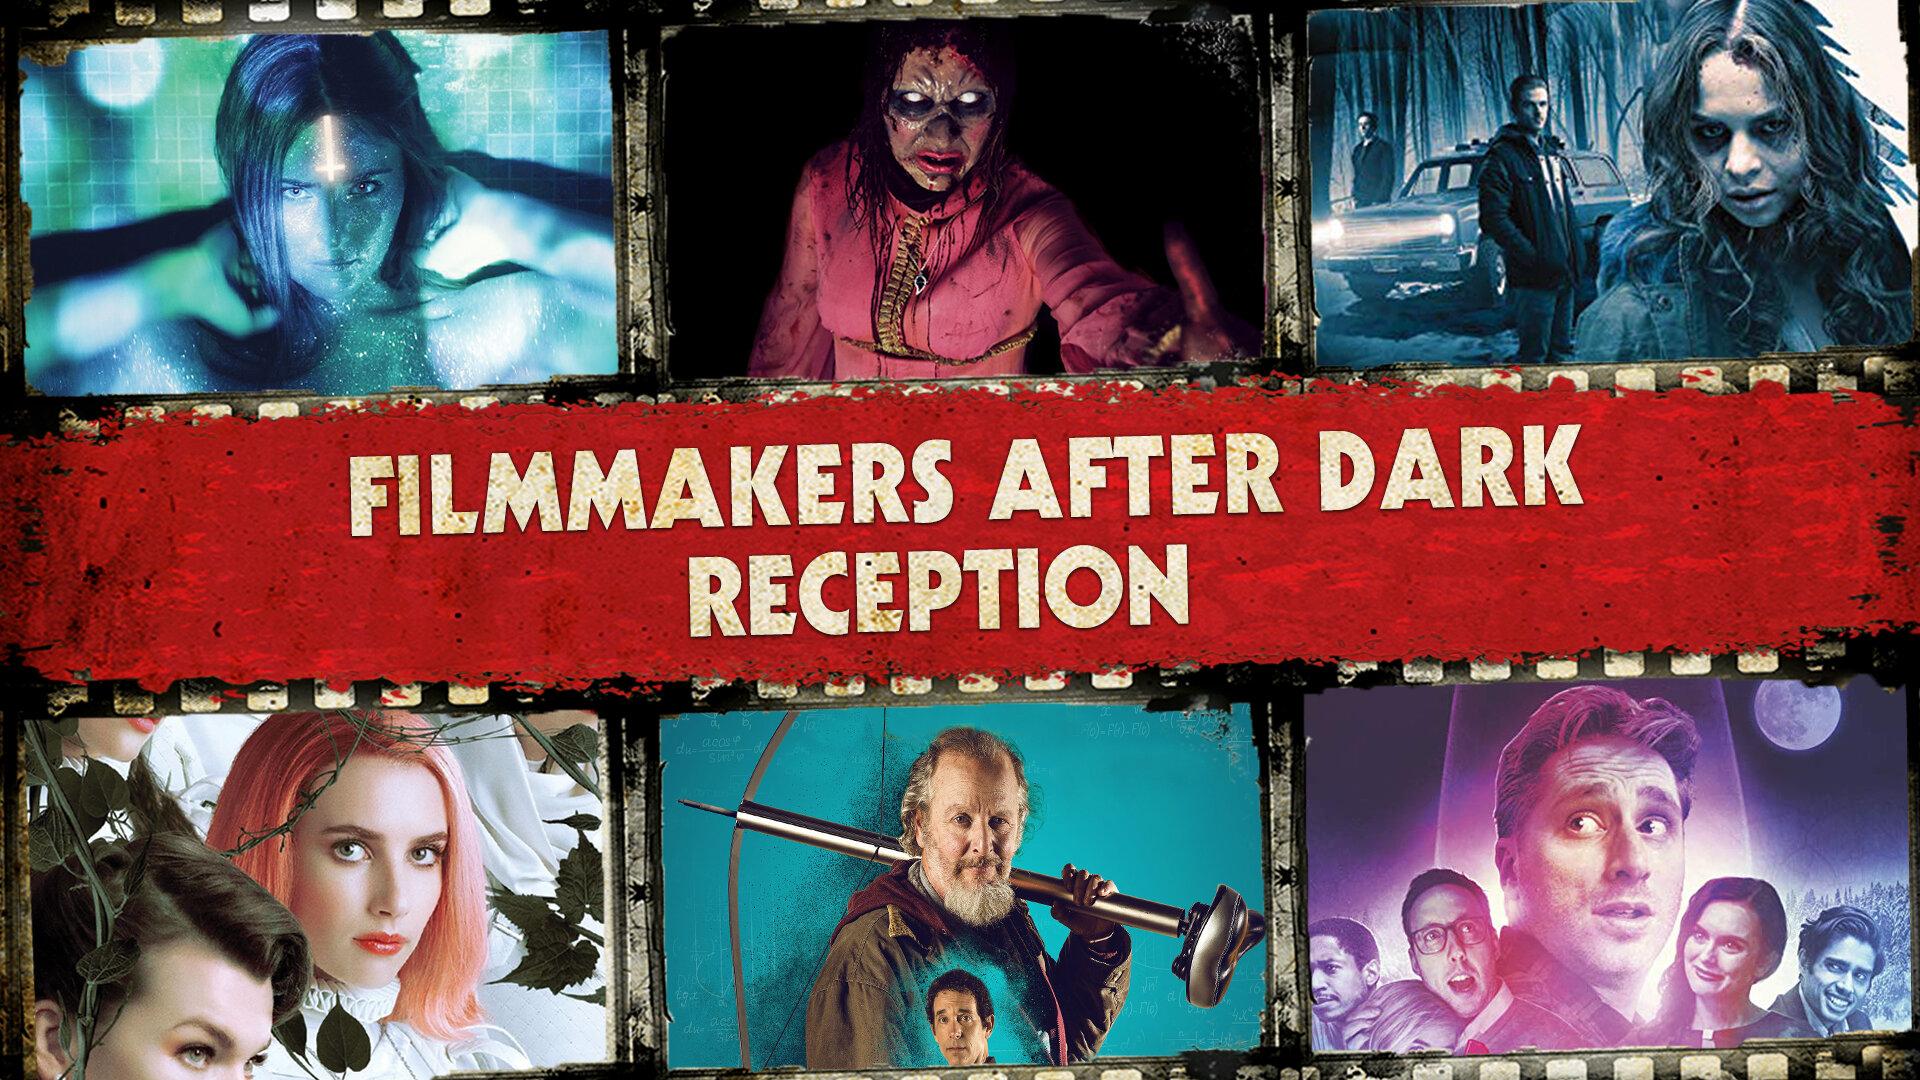 TAD19_FilmmakersReceptionBanner_1920x1080.jpg